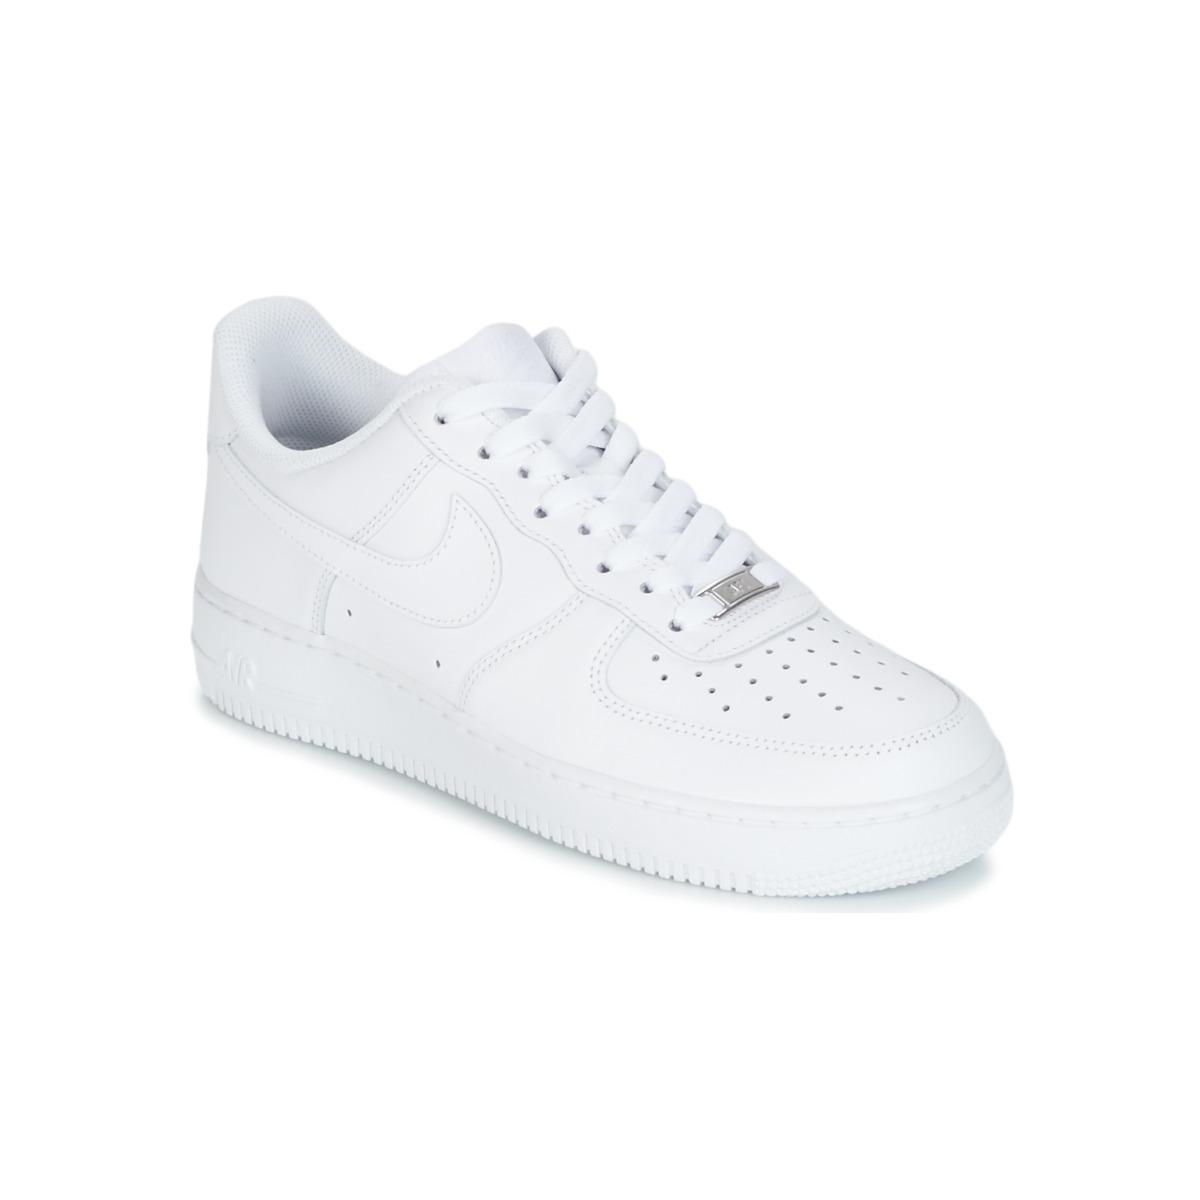 competitive price 6b2c4 41706 Nike AIR FORCE 1 07 Wit - Gratis levering bij Spartoo.nl ! - Schoenen Lage  sneakers Heren € 98,95